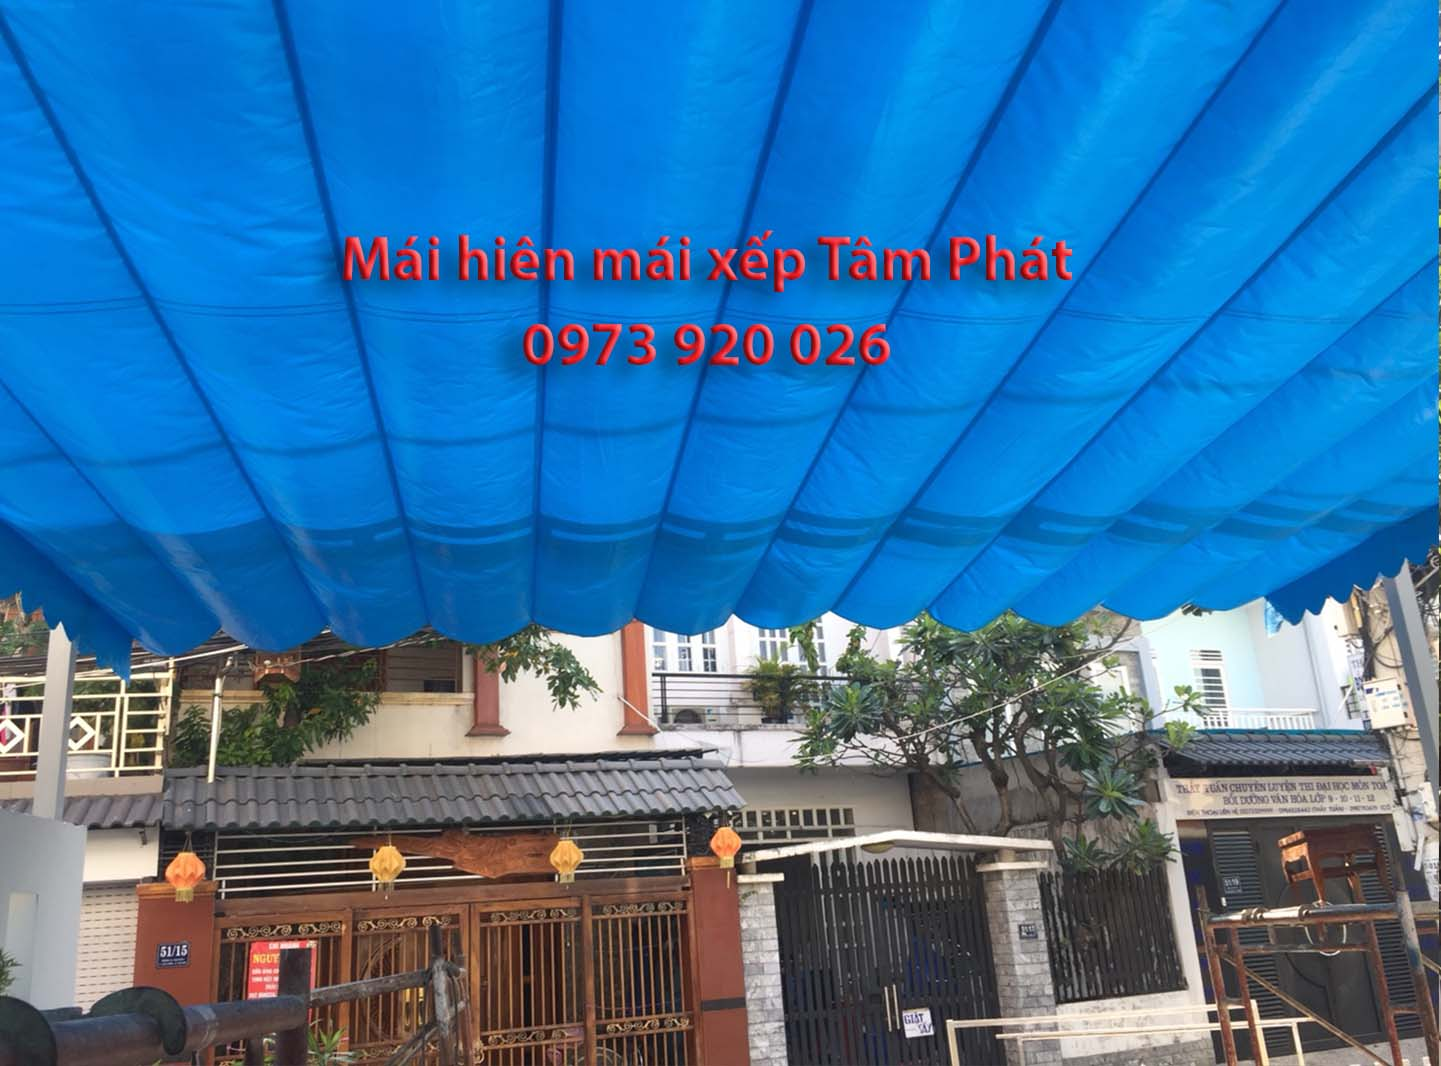 Mai hiên đẹp giá rẻ Đồng Nai